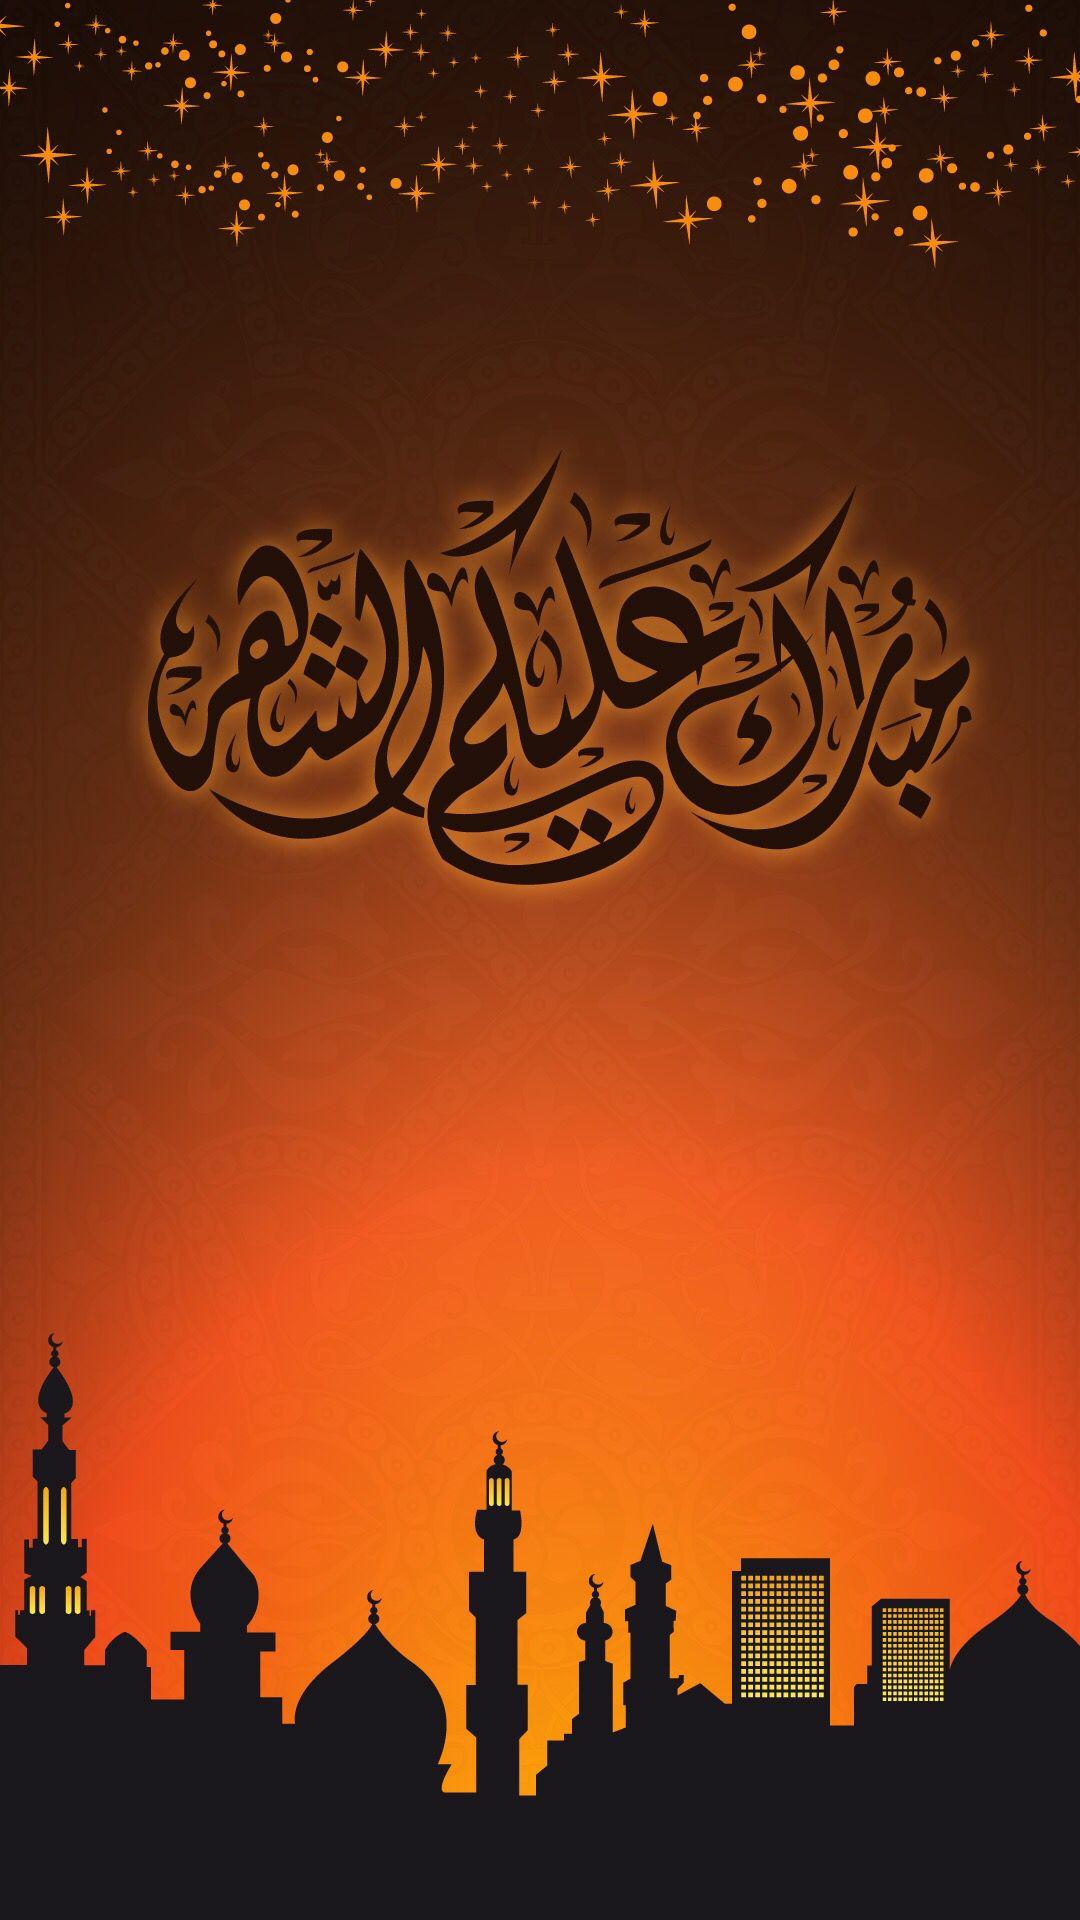 مبارك عليكم الشهر Ramadan Kareem Ramadan Mubarak Ramadan